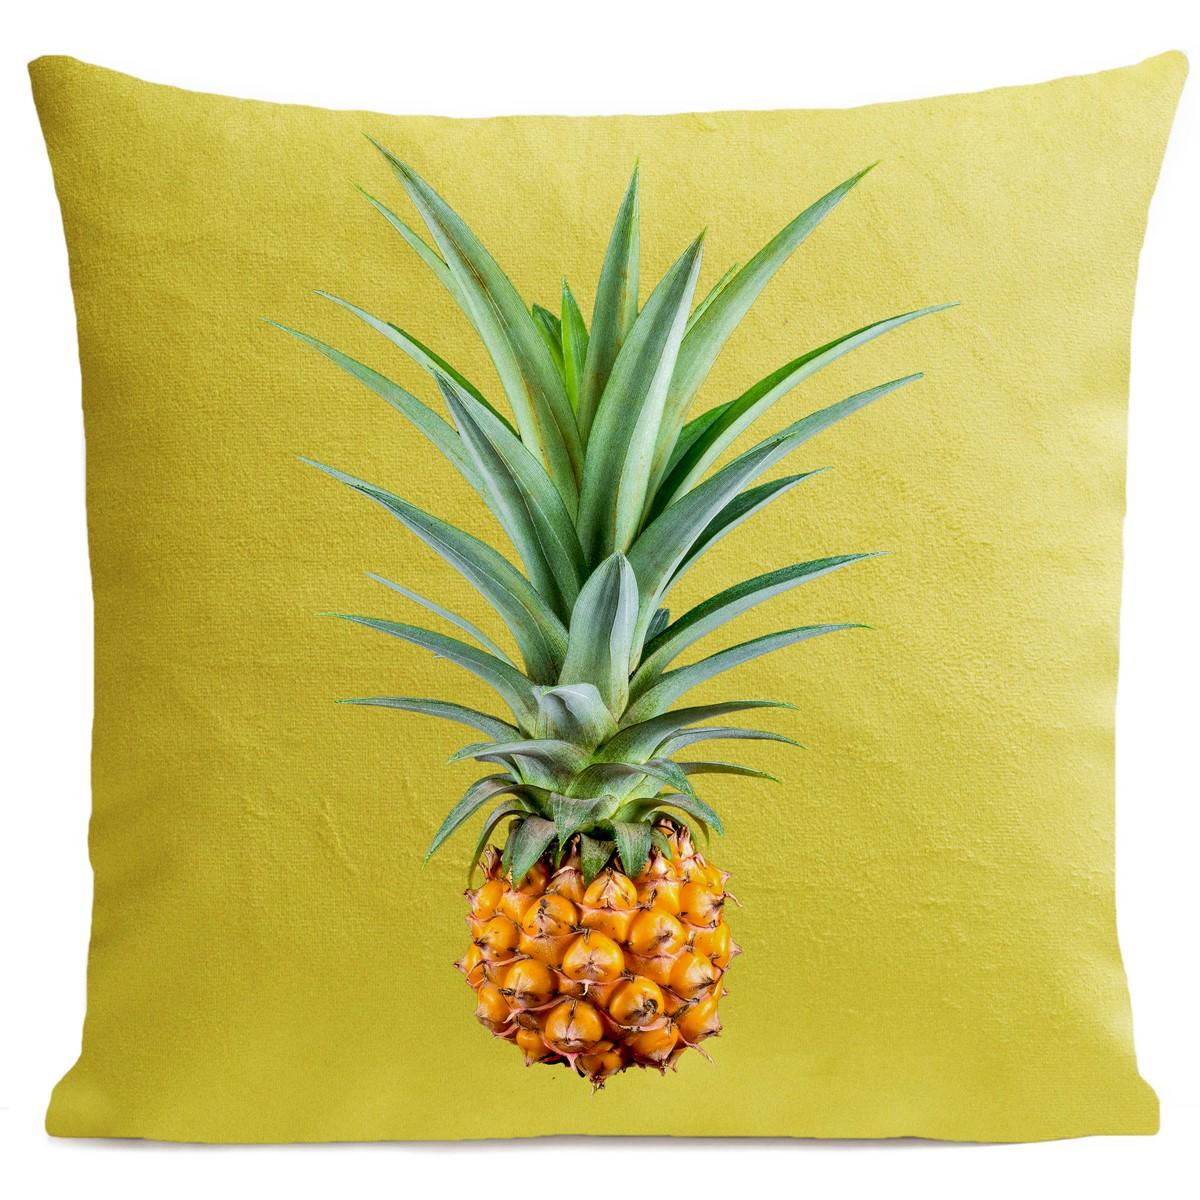 Coussin velours carré imprimé fruits jaune vif 60x60